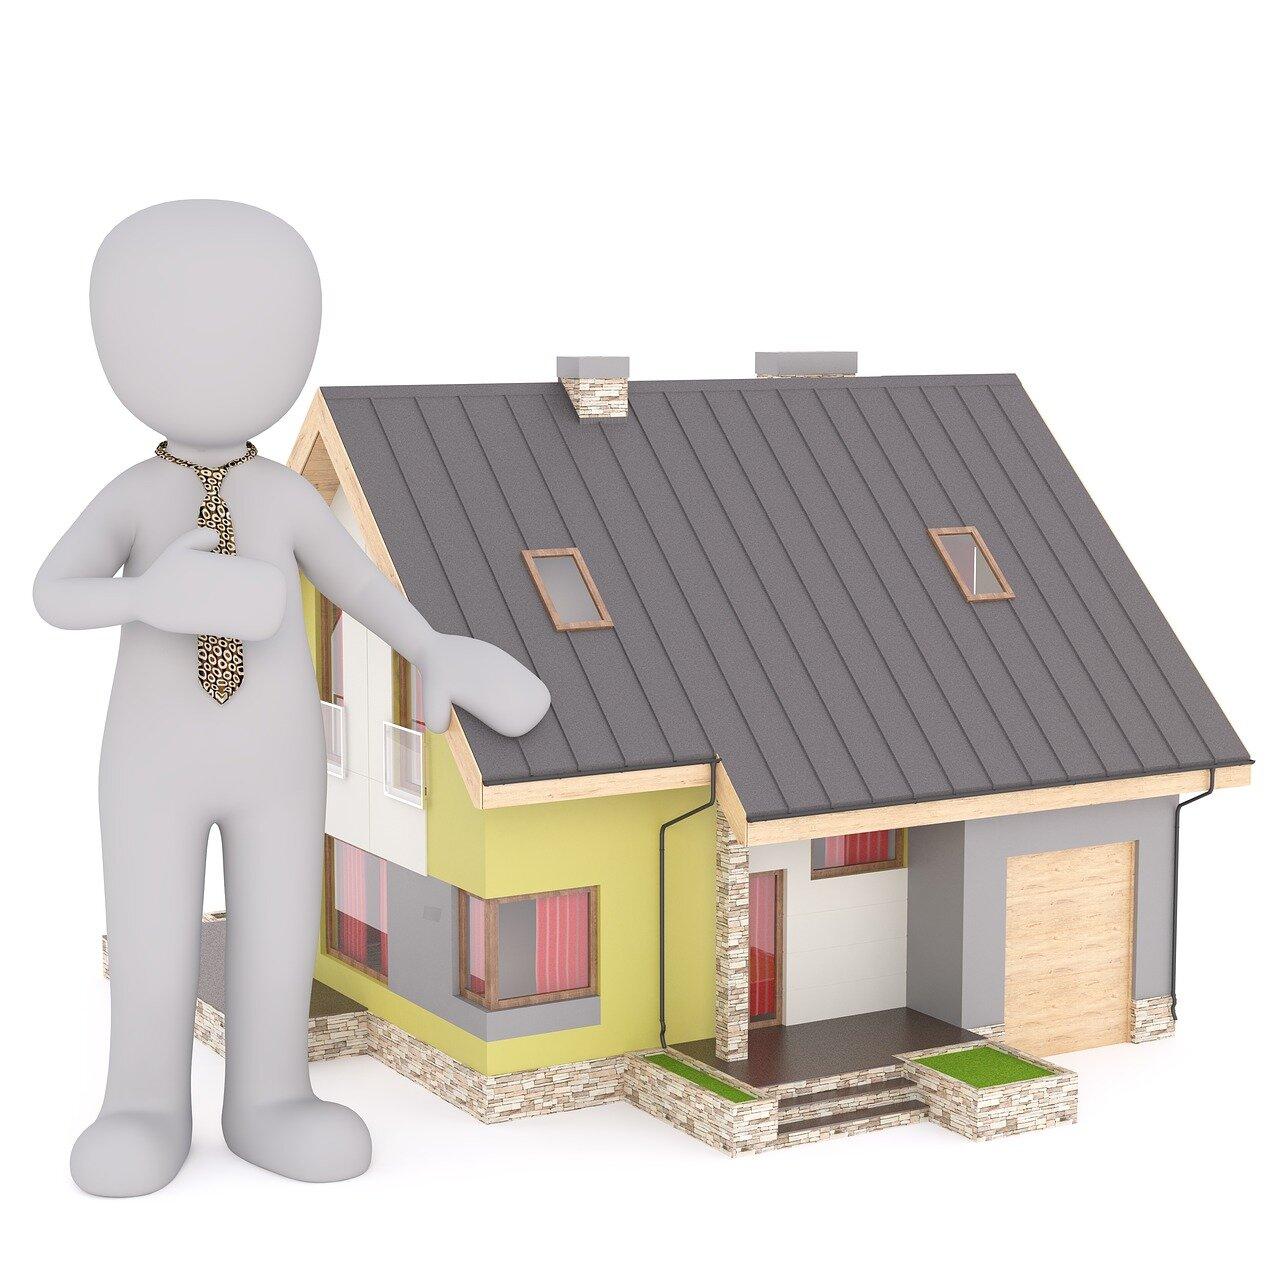 Zbuduj swój dom z doświadczoną firmą budowlaną. Architektura i budownictwo – budowanie domu od podstaw w Warszawie